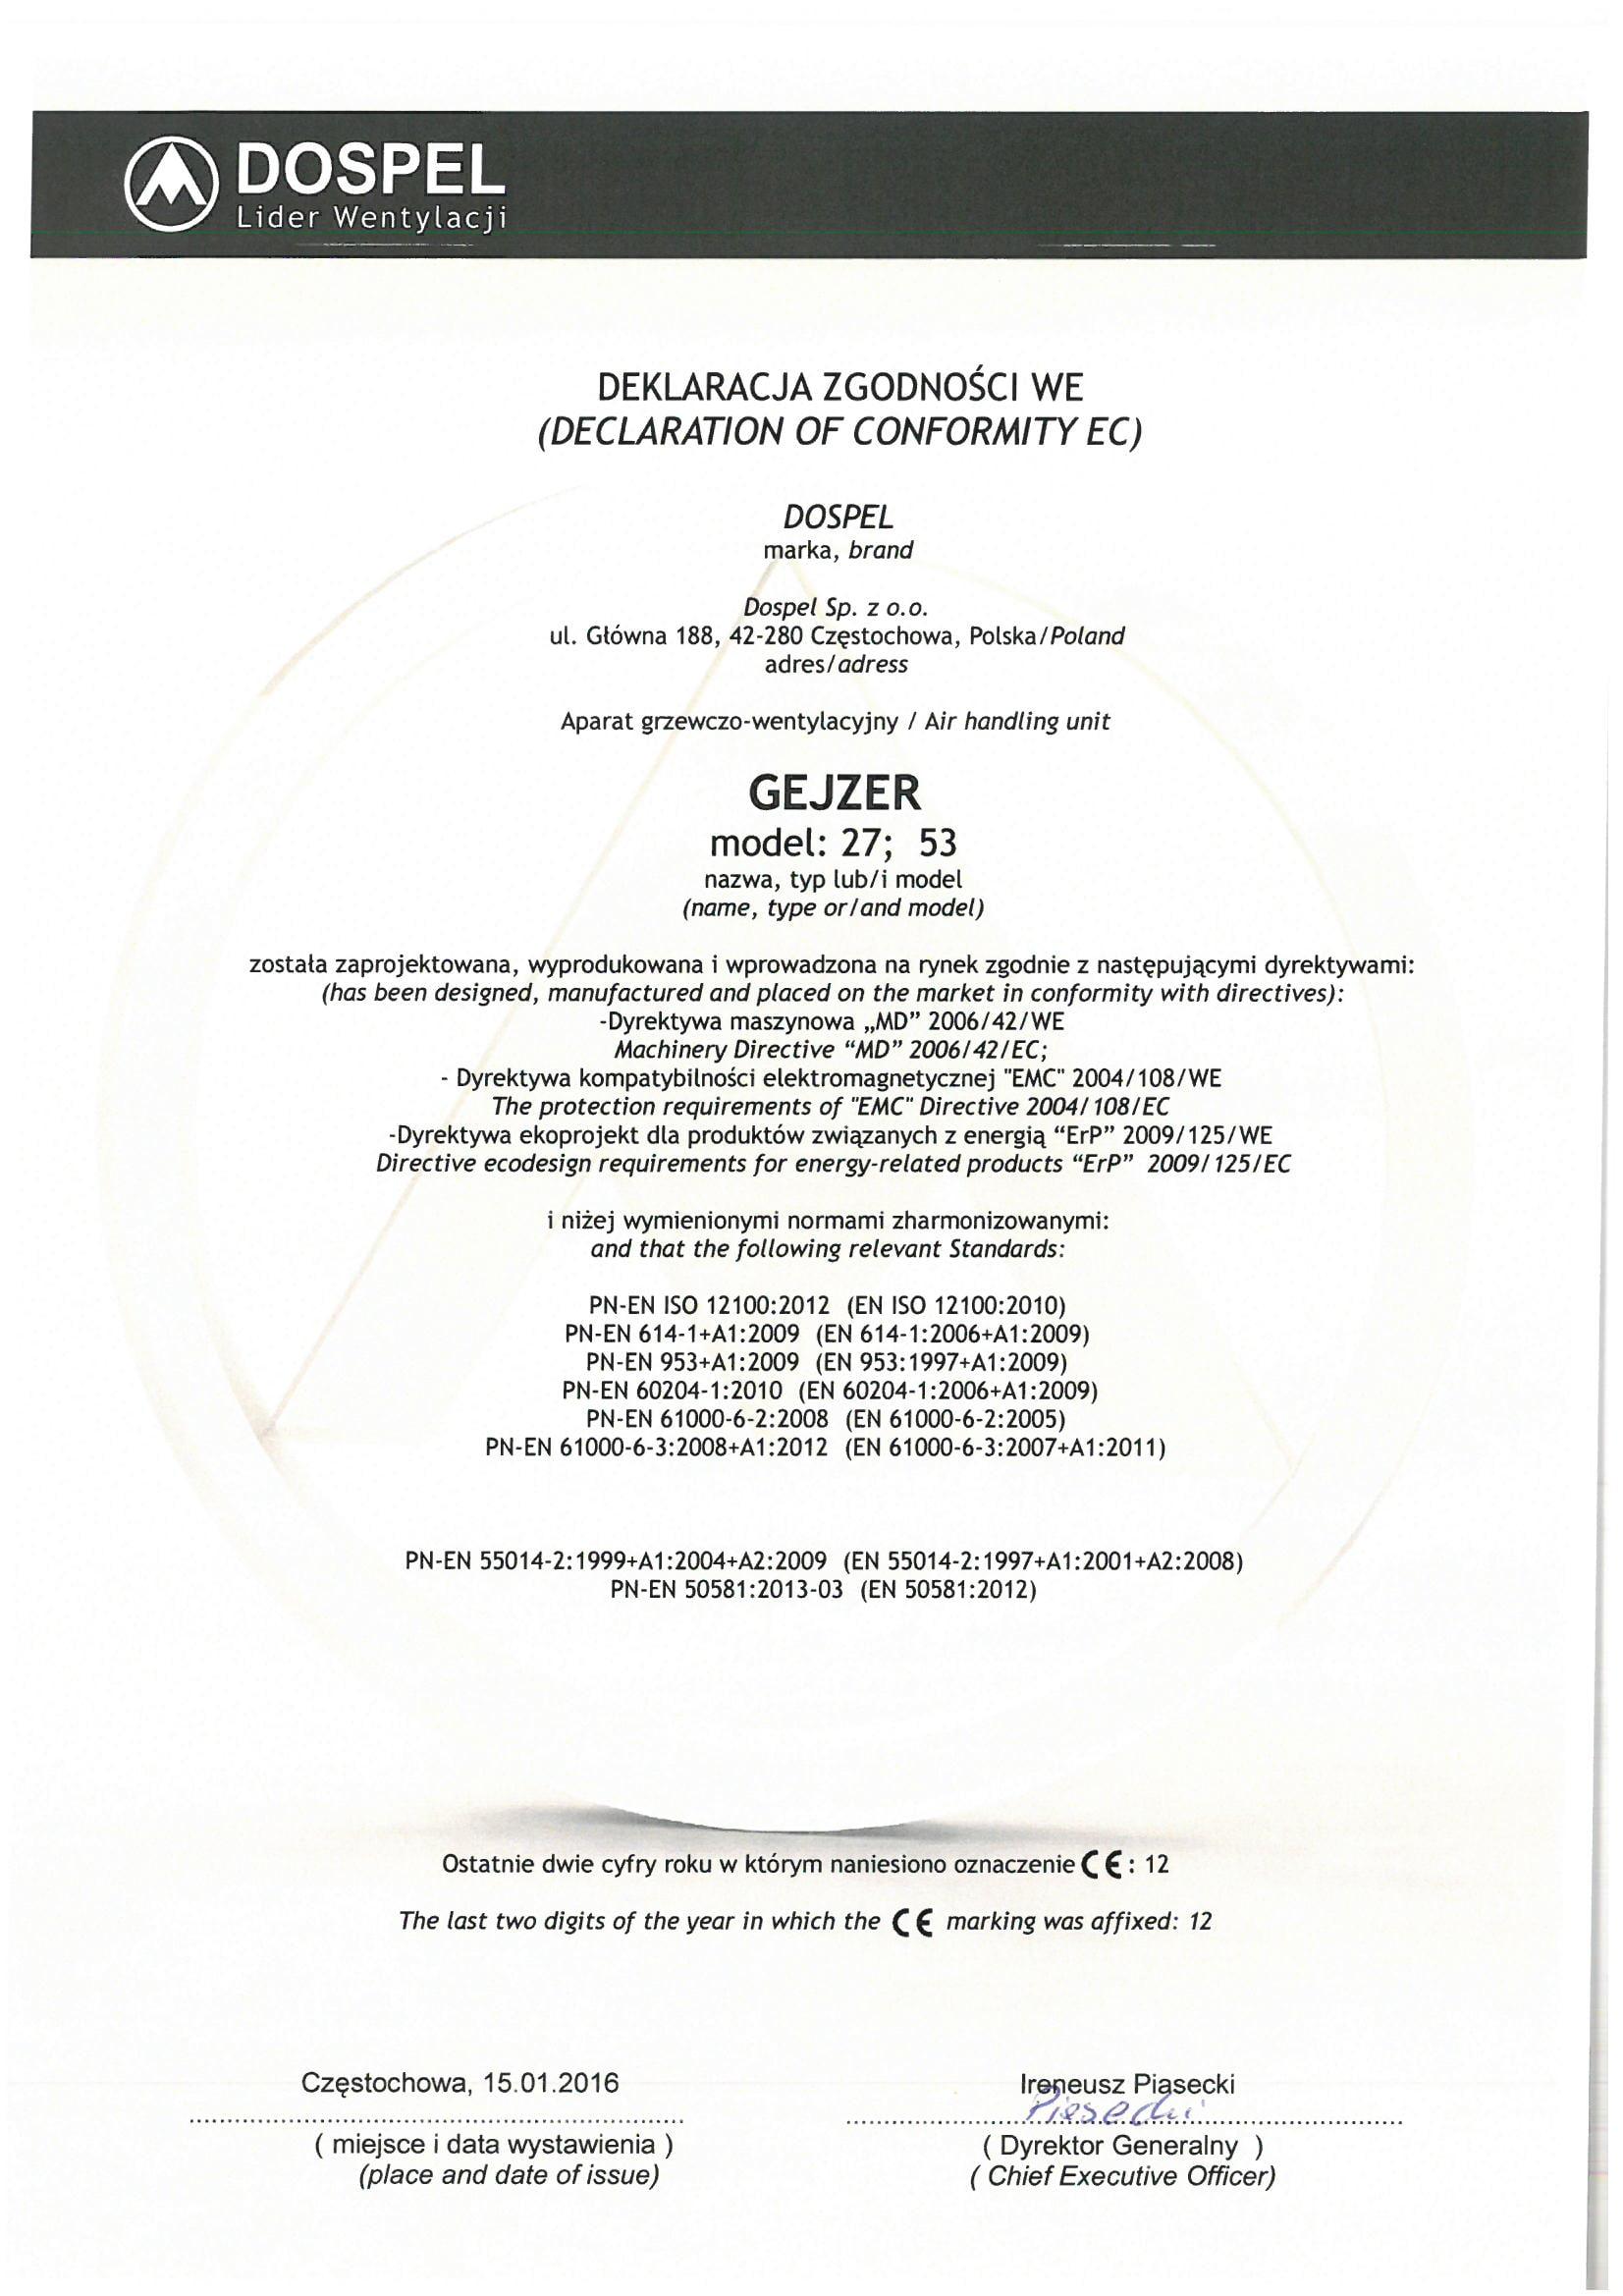 Aparat grzewczo wentylacyjny, Gejzer, certyfikat, deklaracja zgodności, producent wentylatorów, Dospel